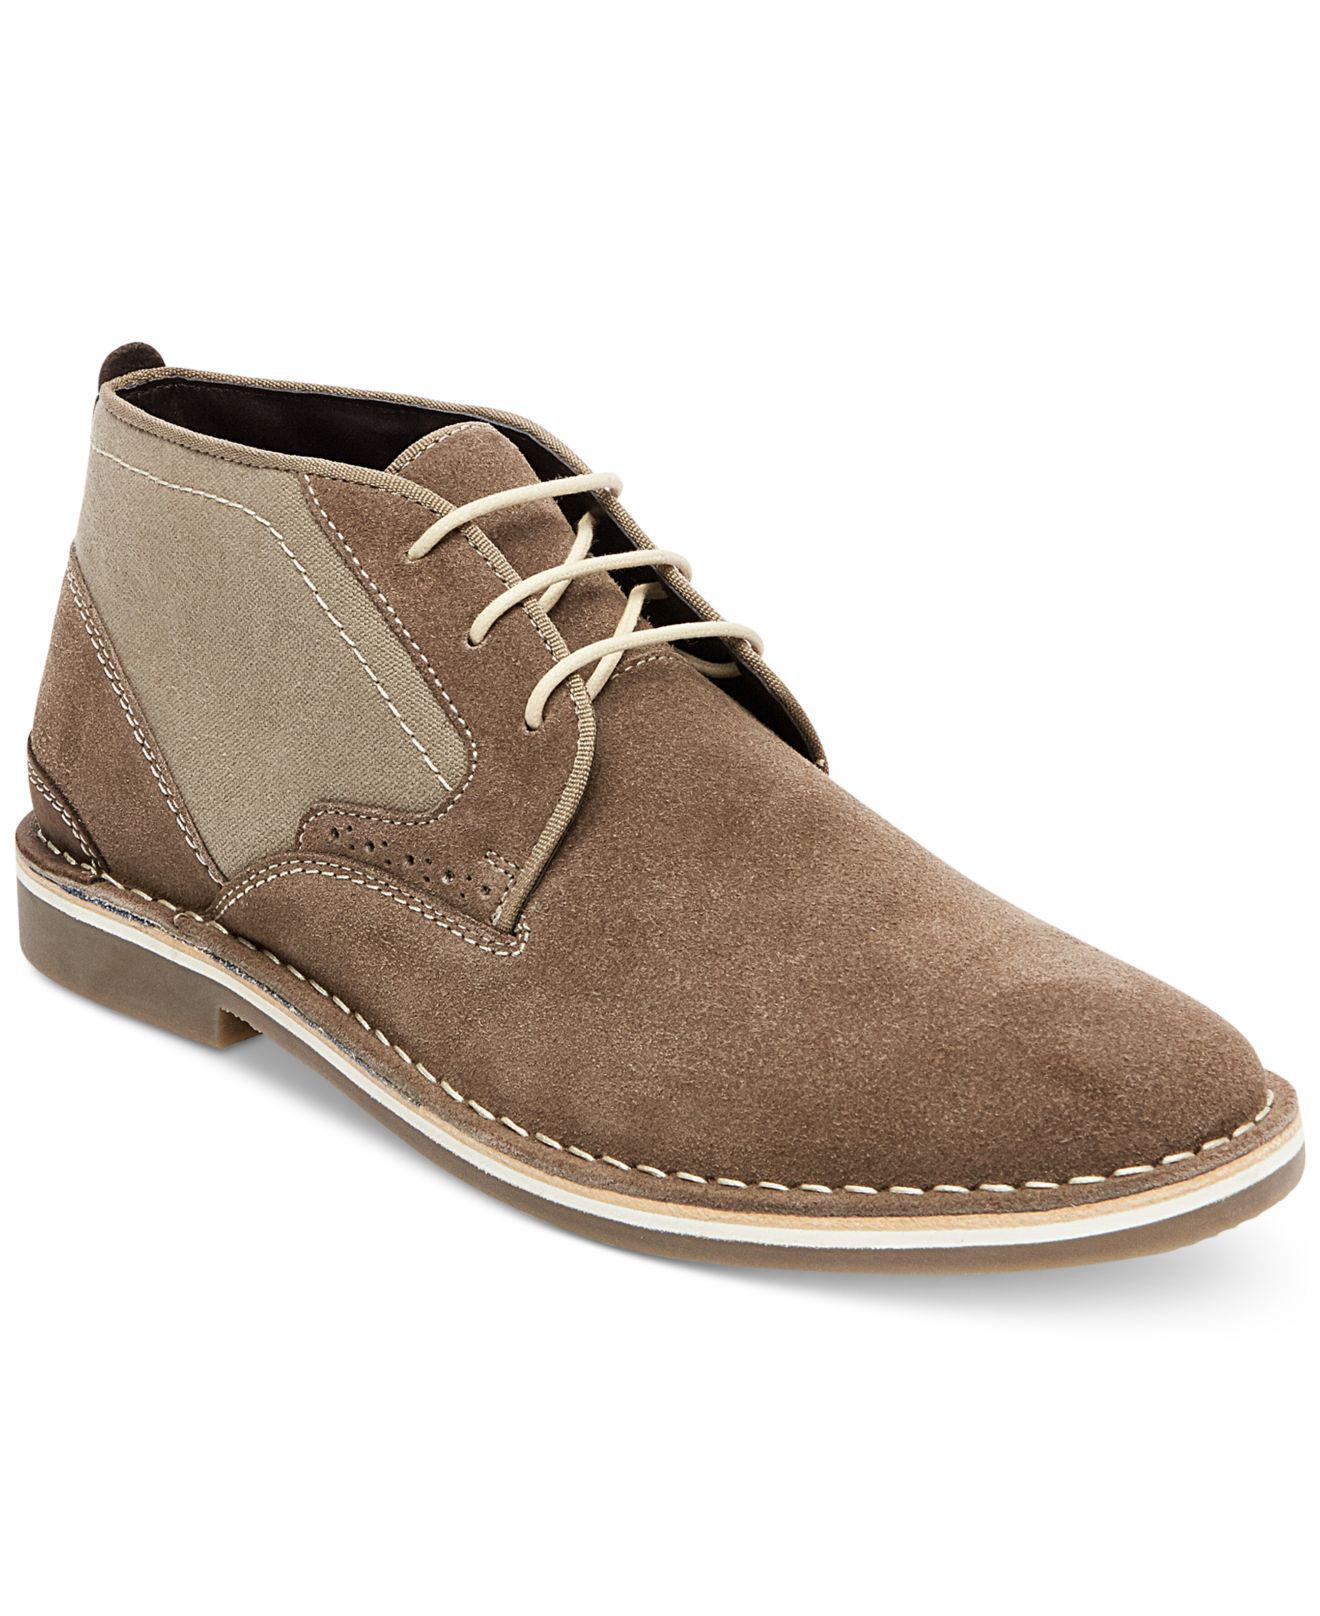 Steve Madden Steve Madden Men Presly Chukka Boot Khaki Leather Hot Sale Online